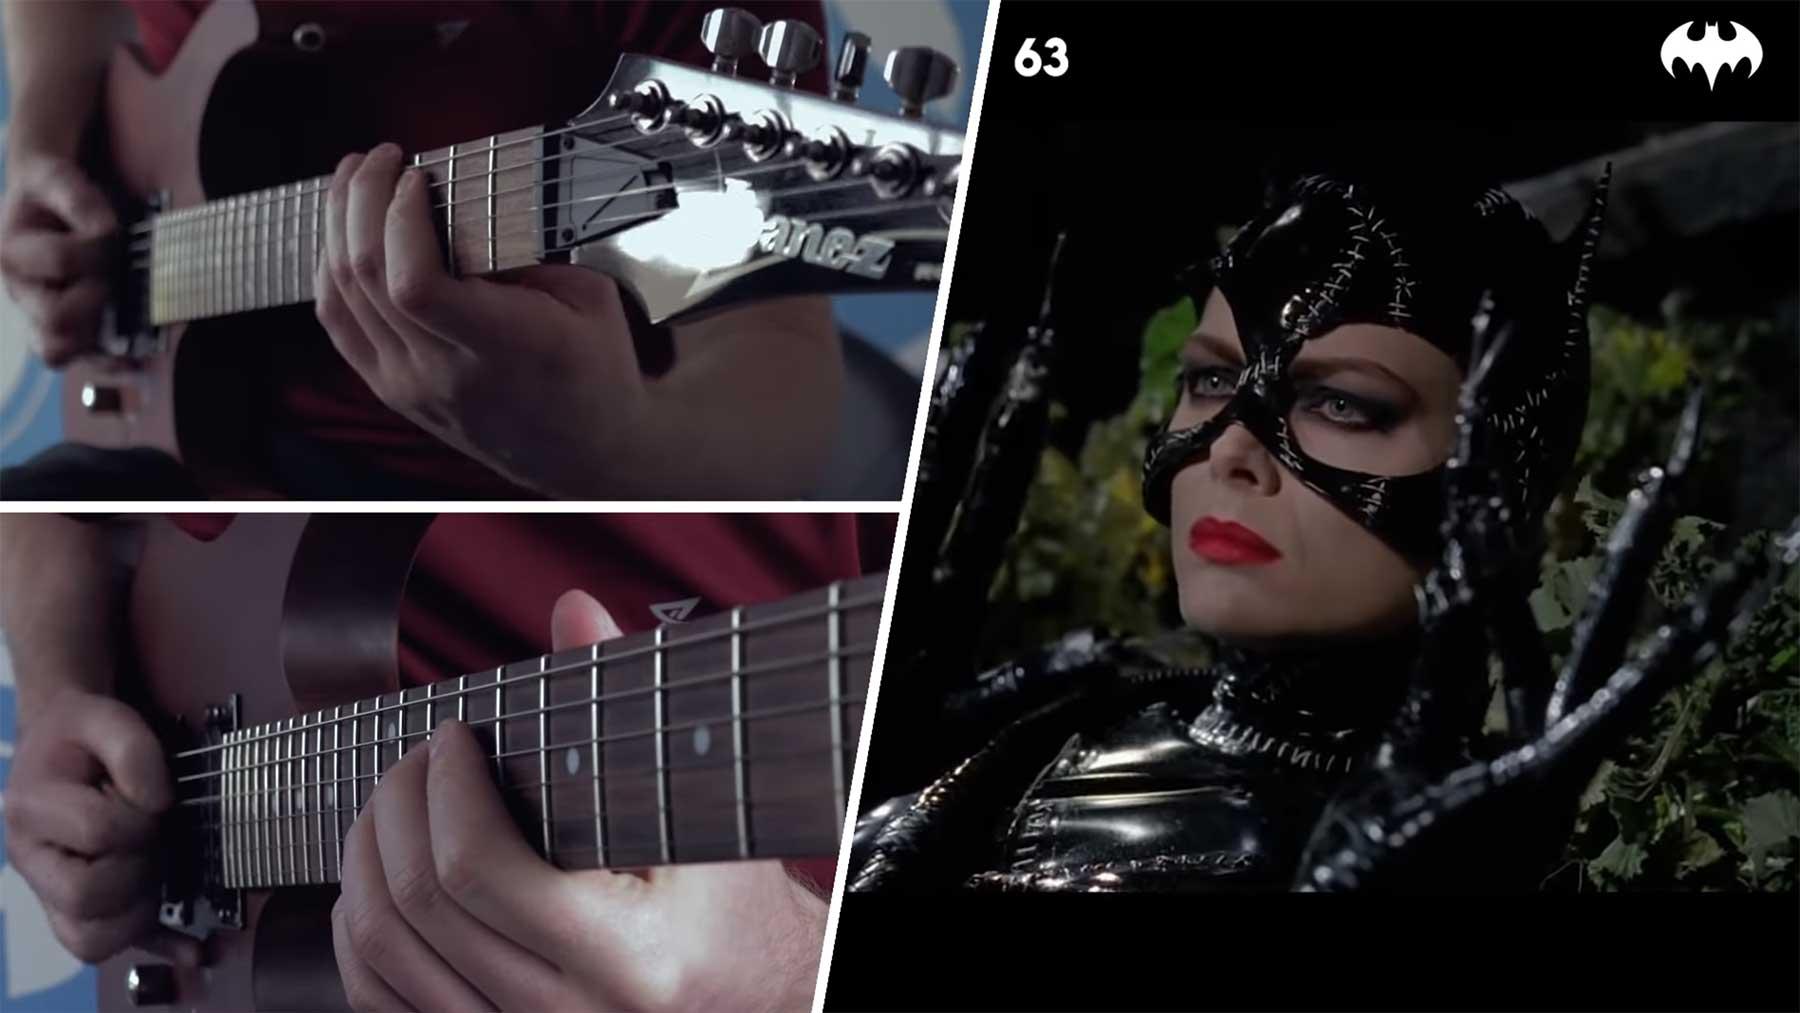 100 Film-Soundtracks auf der Gitarre gespielt